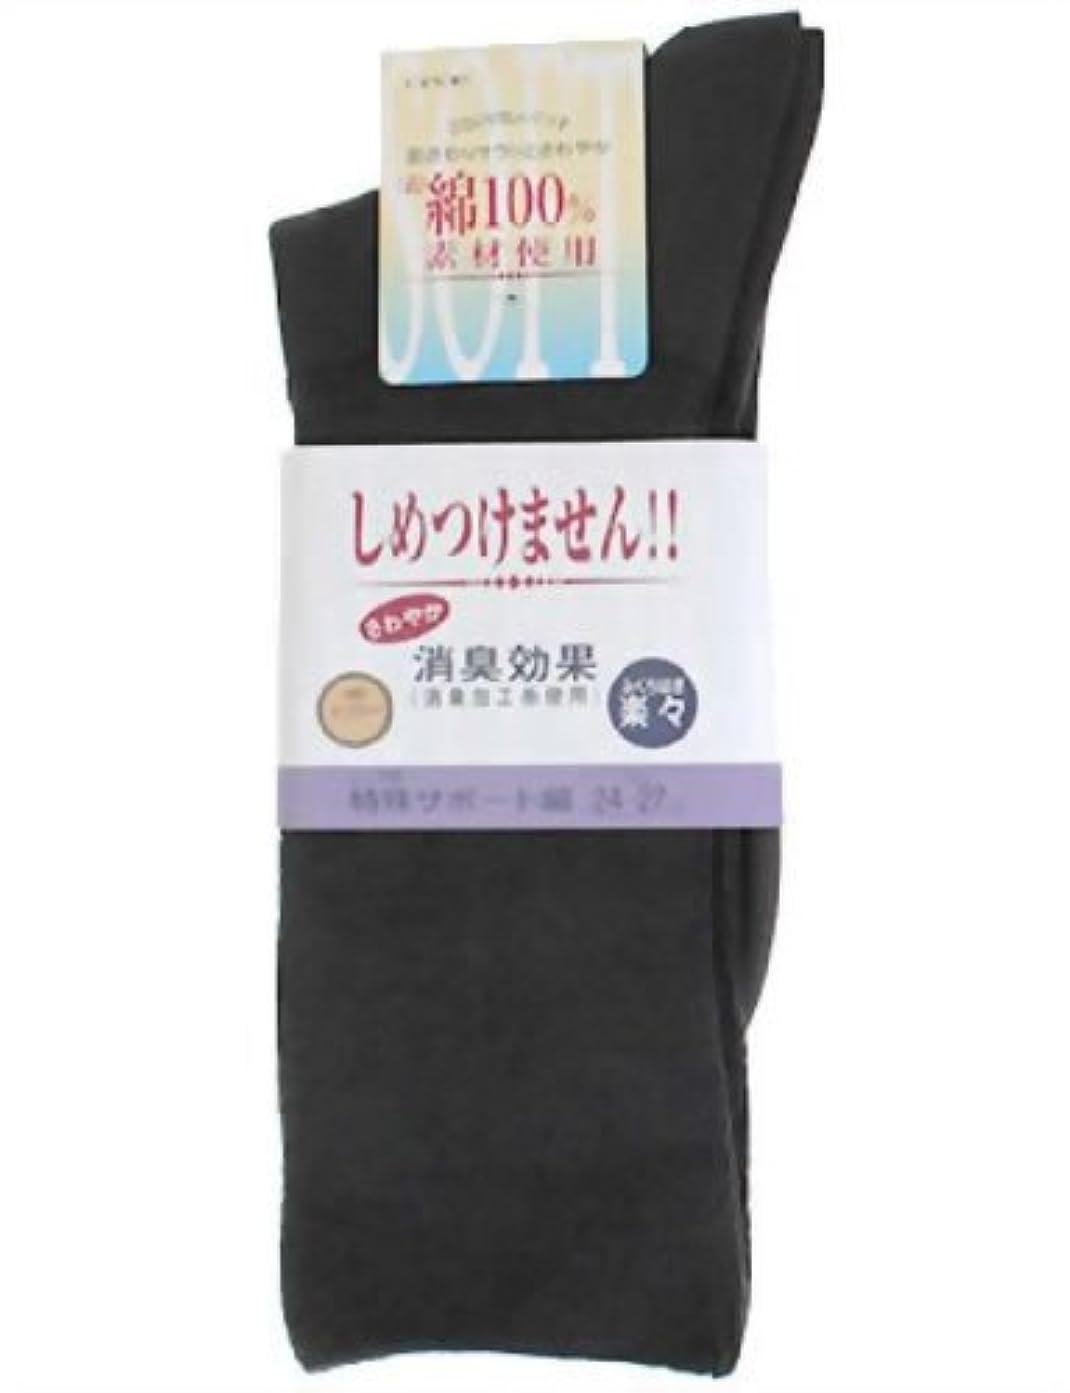 敬の念偶然の雲コベス 紳士用 ふくらはぎ楽らくソックス(綿混) ダークグレー 24-27cm